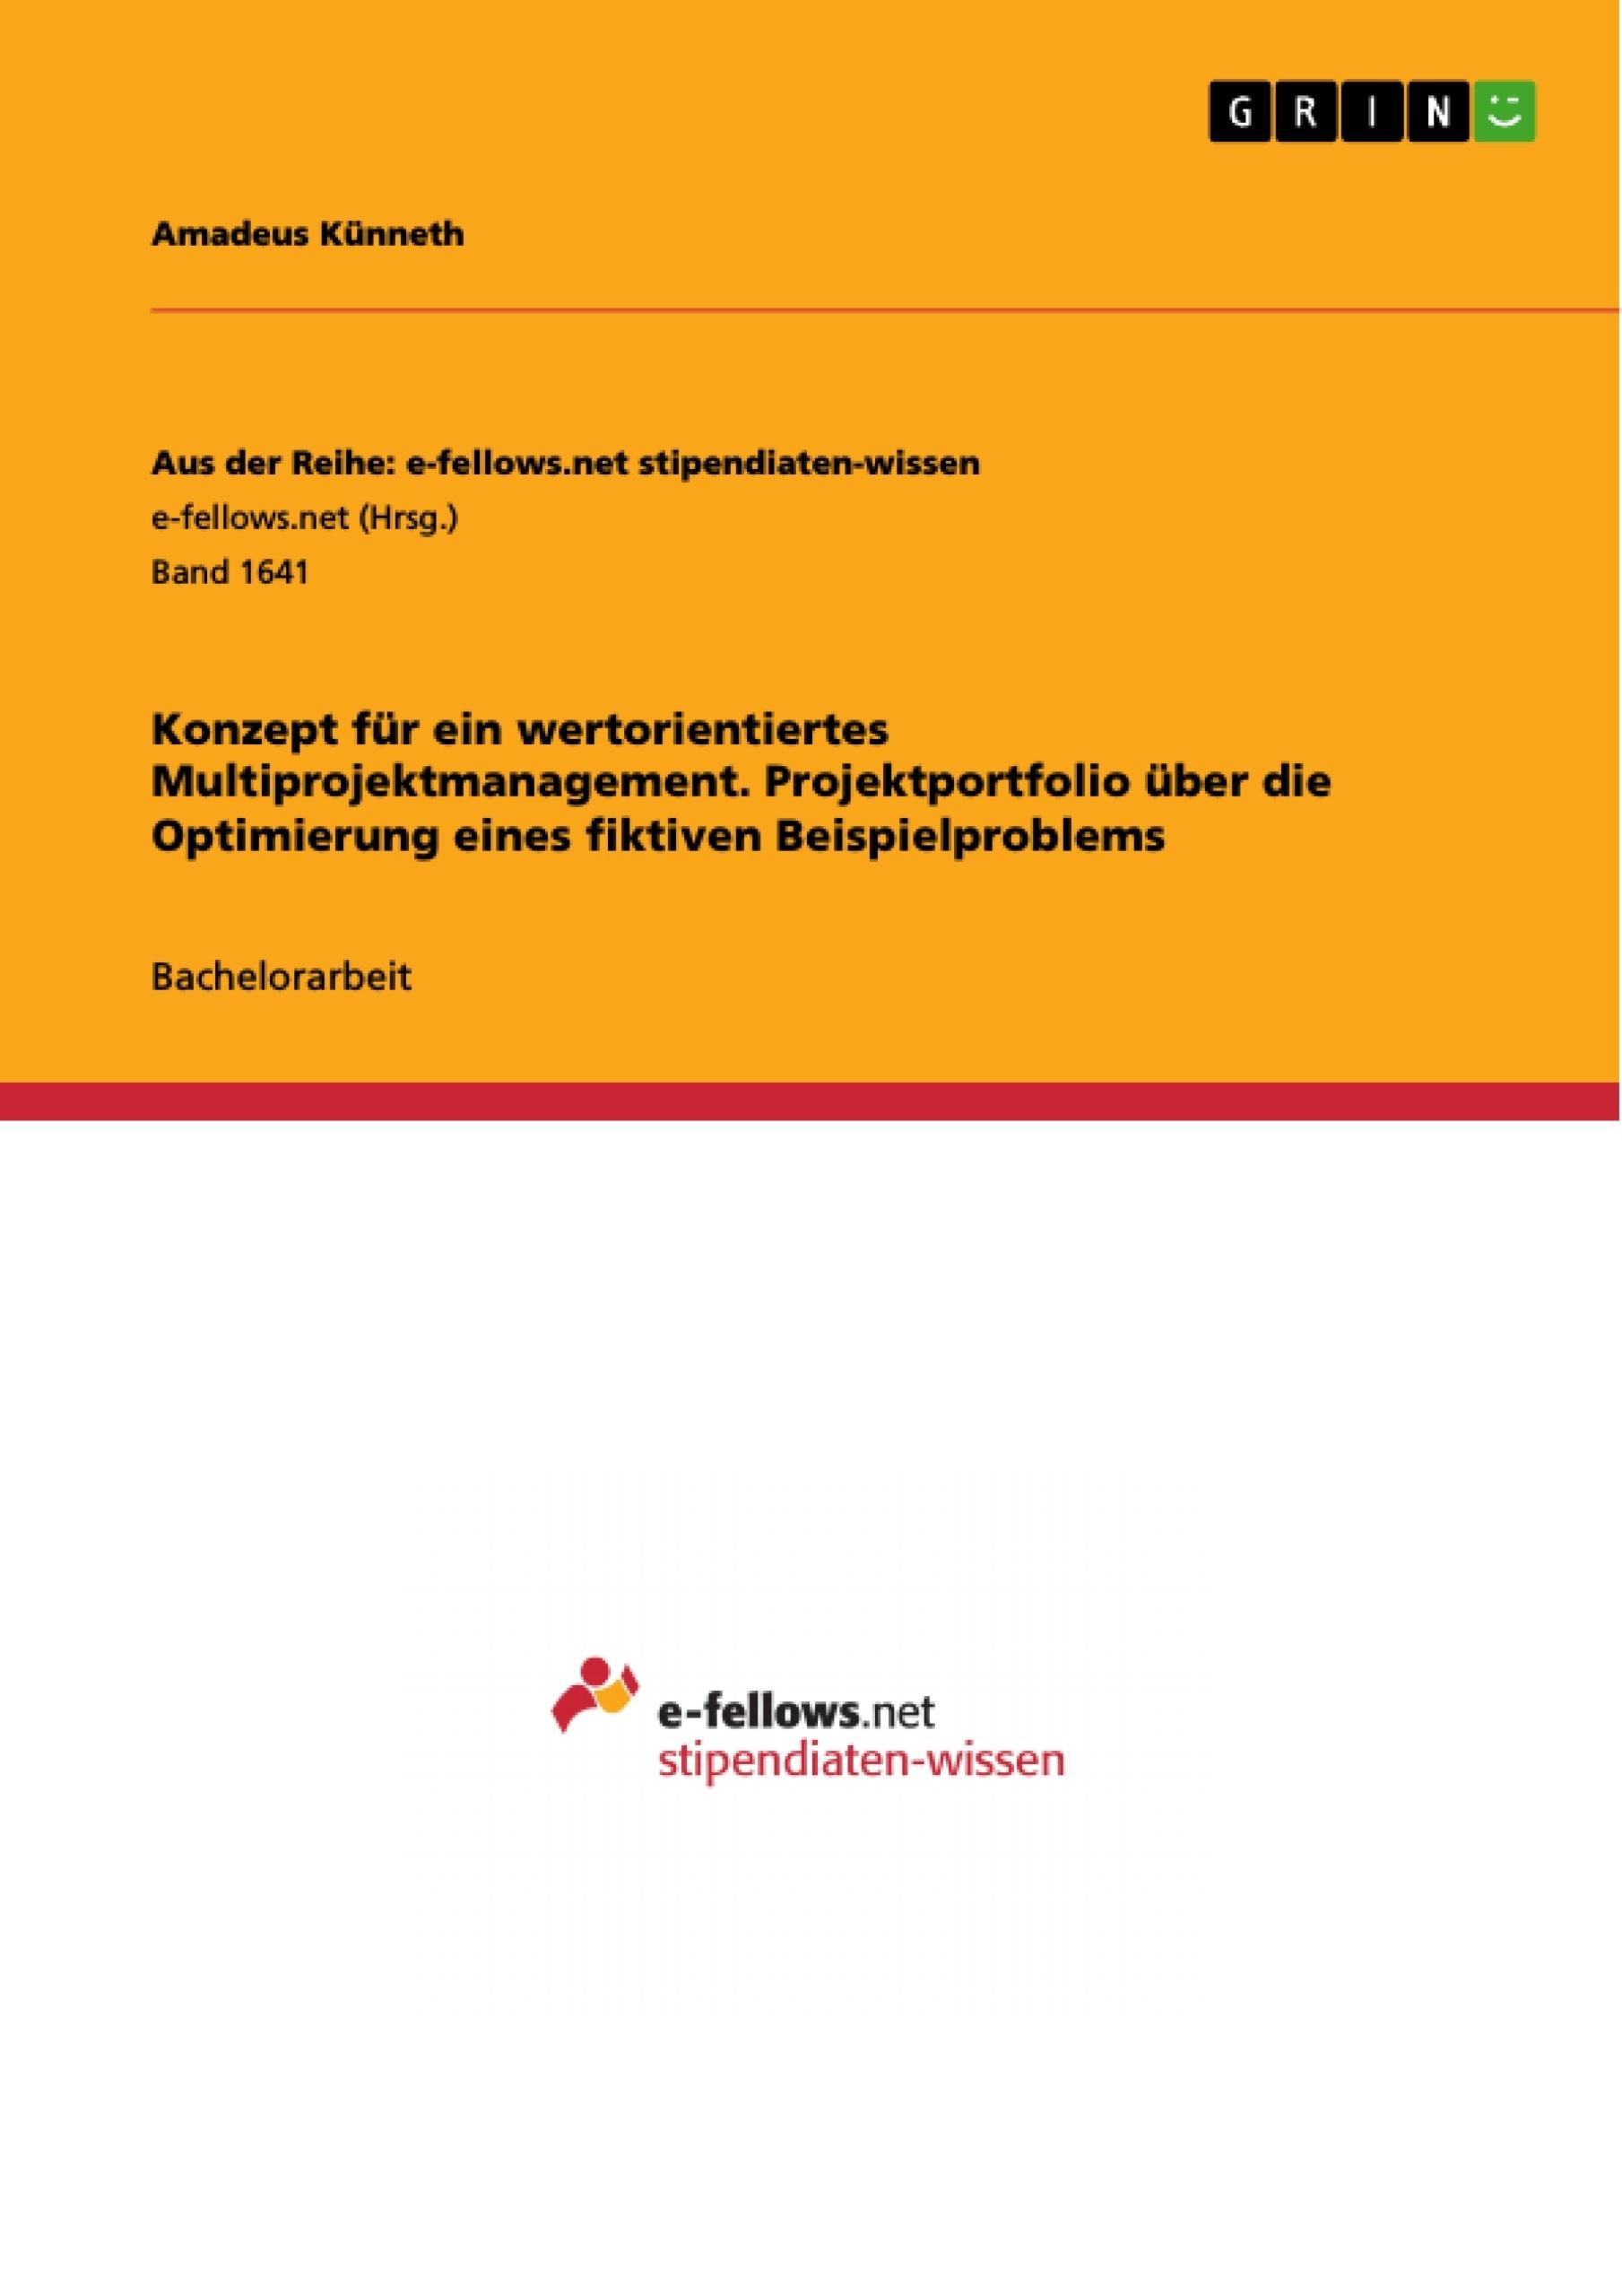 Titel: Konzept für ein wertorientiertes Multiprojektmanagement. Projektportfolio über die Optimierung eines fiktiven Beispielproblems